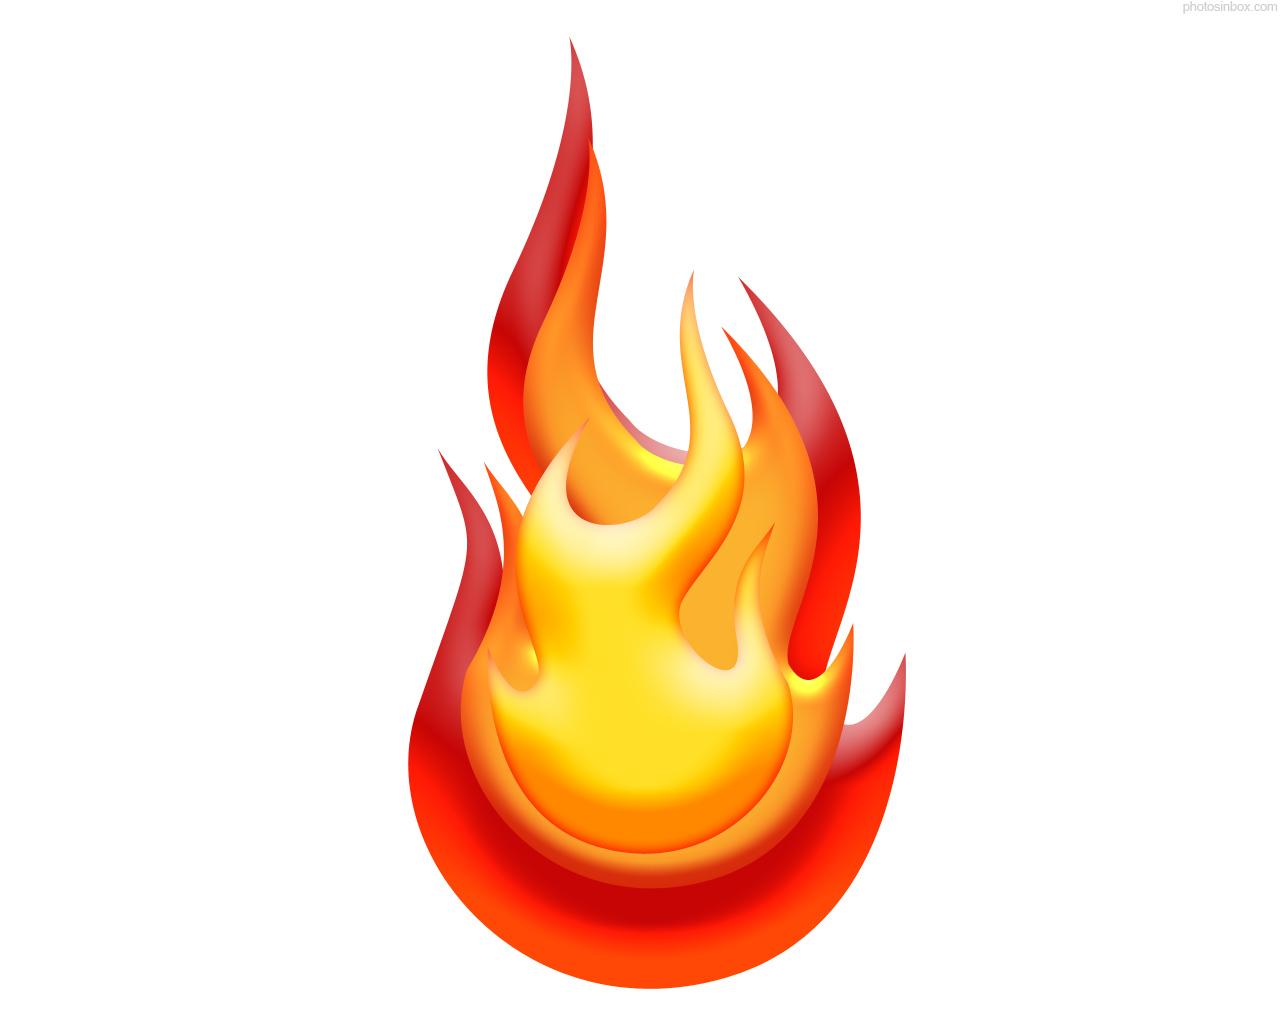 fire-flames-clipart-biy6eb9iL